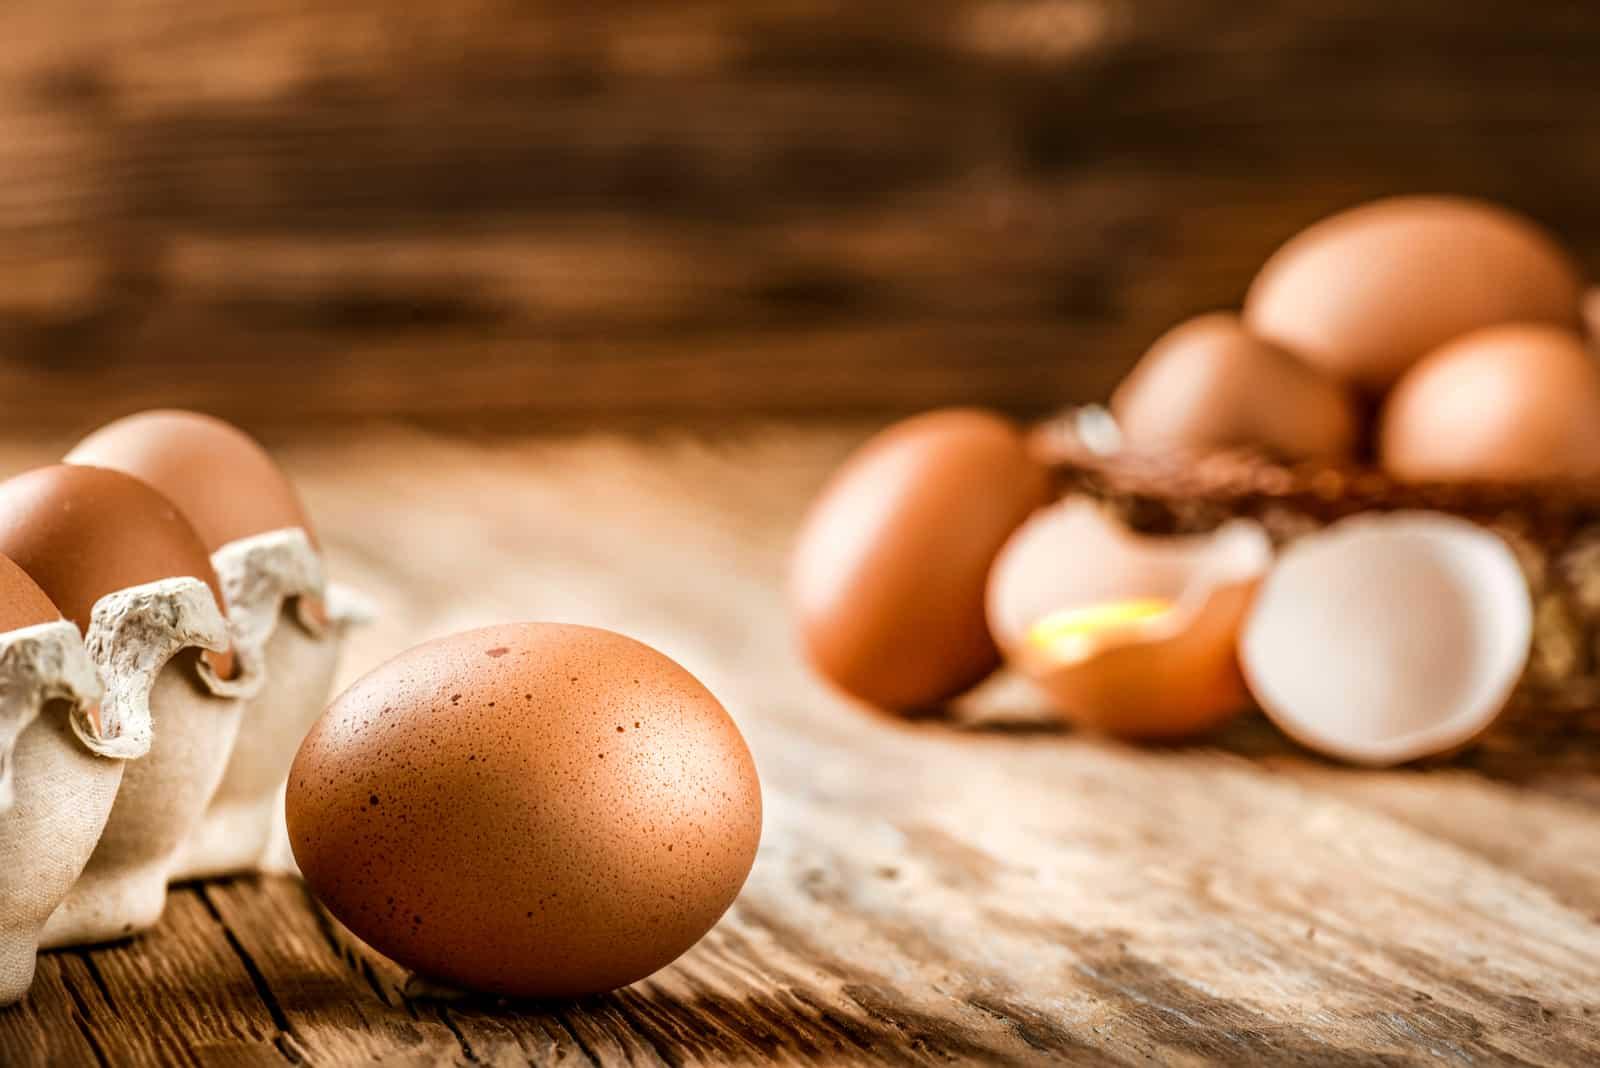 frische Eier auf dem Tisch